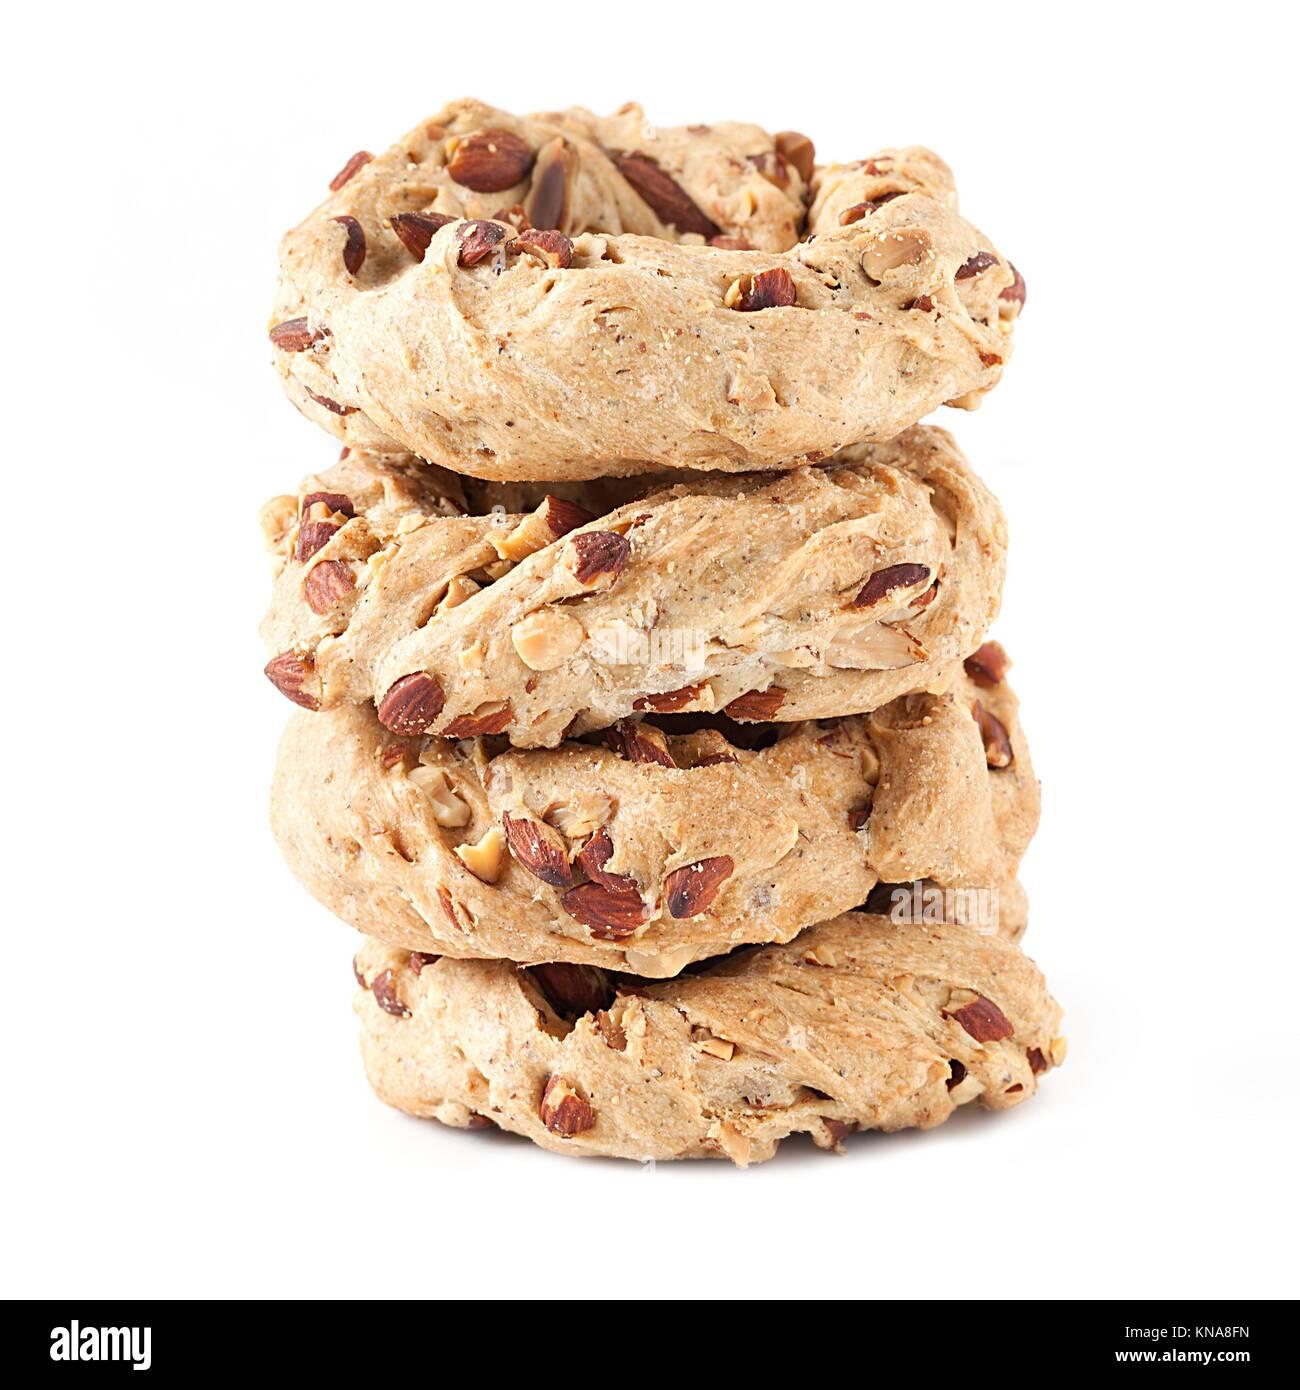 Pile de cookies napolitain appelé taralli, isolé sur fond blanc. Taralli sont typiques des bagels réalisés à Naples avec le saindoux, les amandes, la farine et Banque D'Images